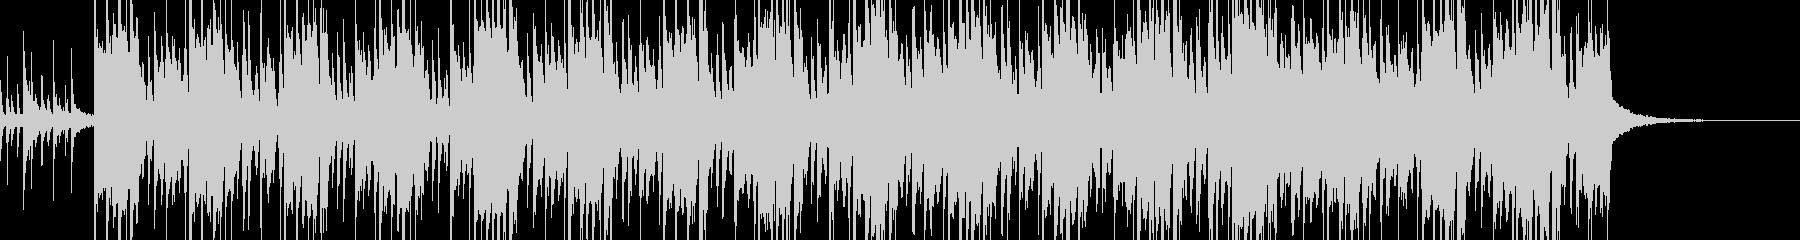 南国風ビートの明るいBGMの未再生の波形